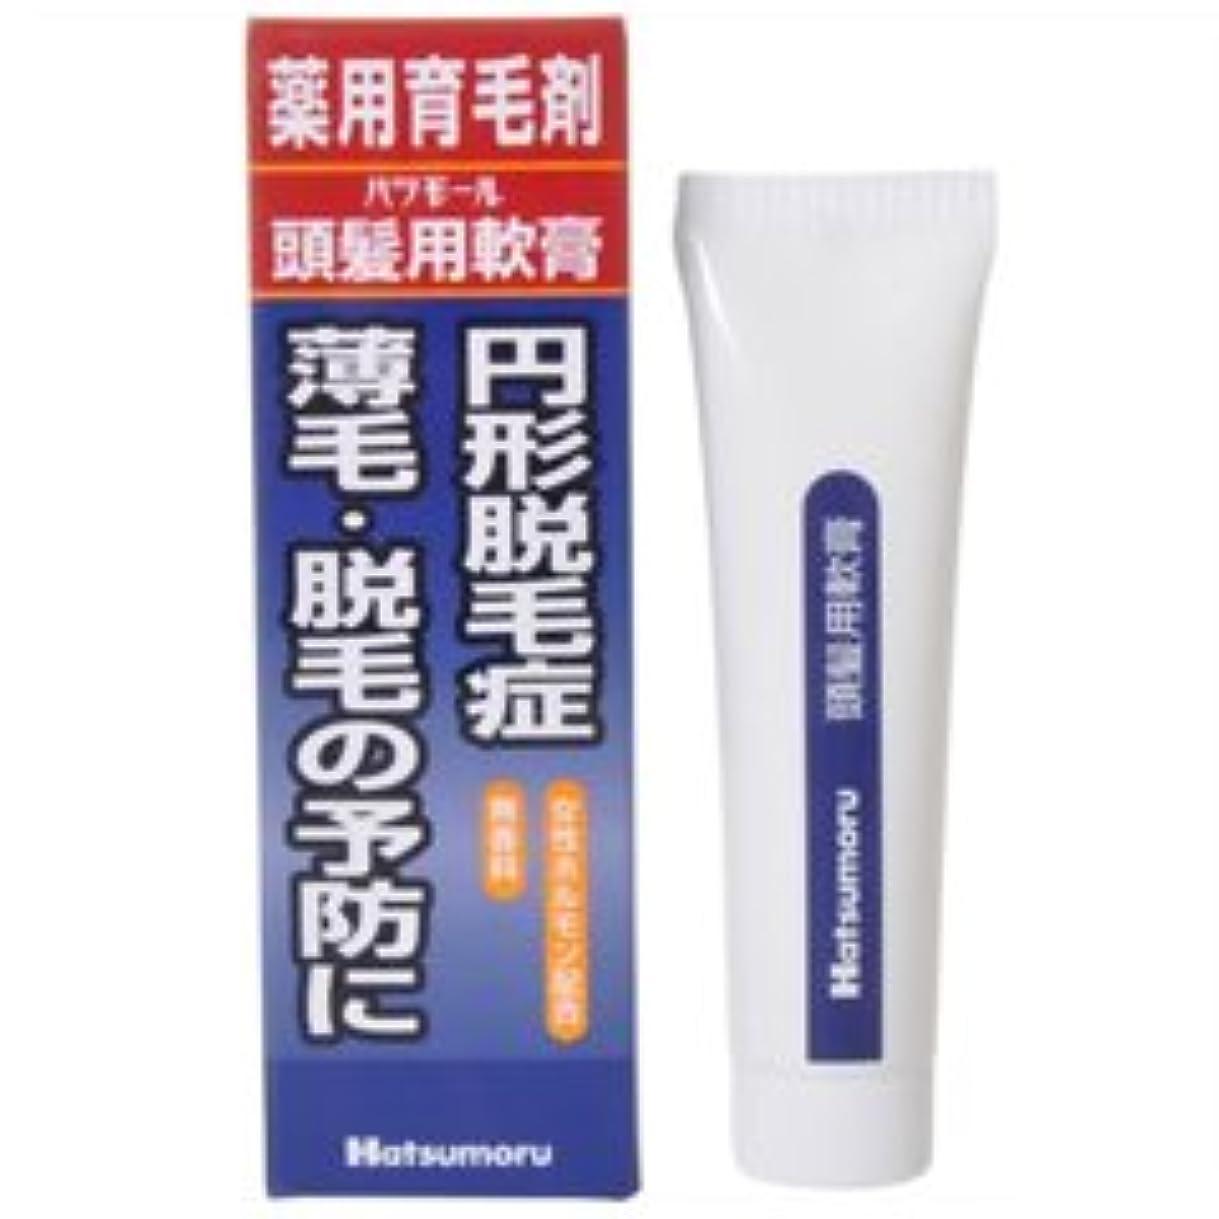 住人仮定する動【田村治照堂】ハツモール 頭髪用軟膏 25g